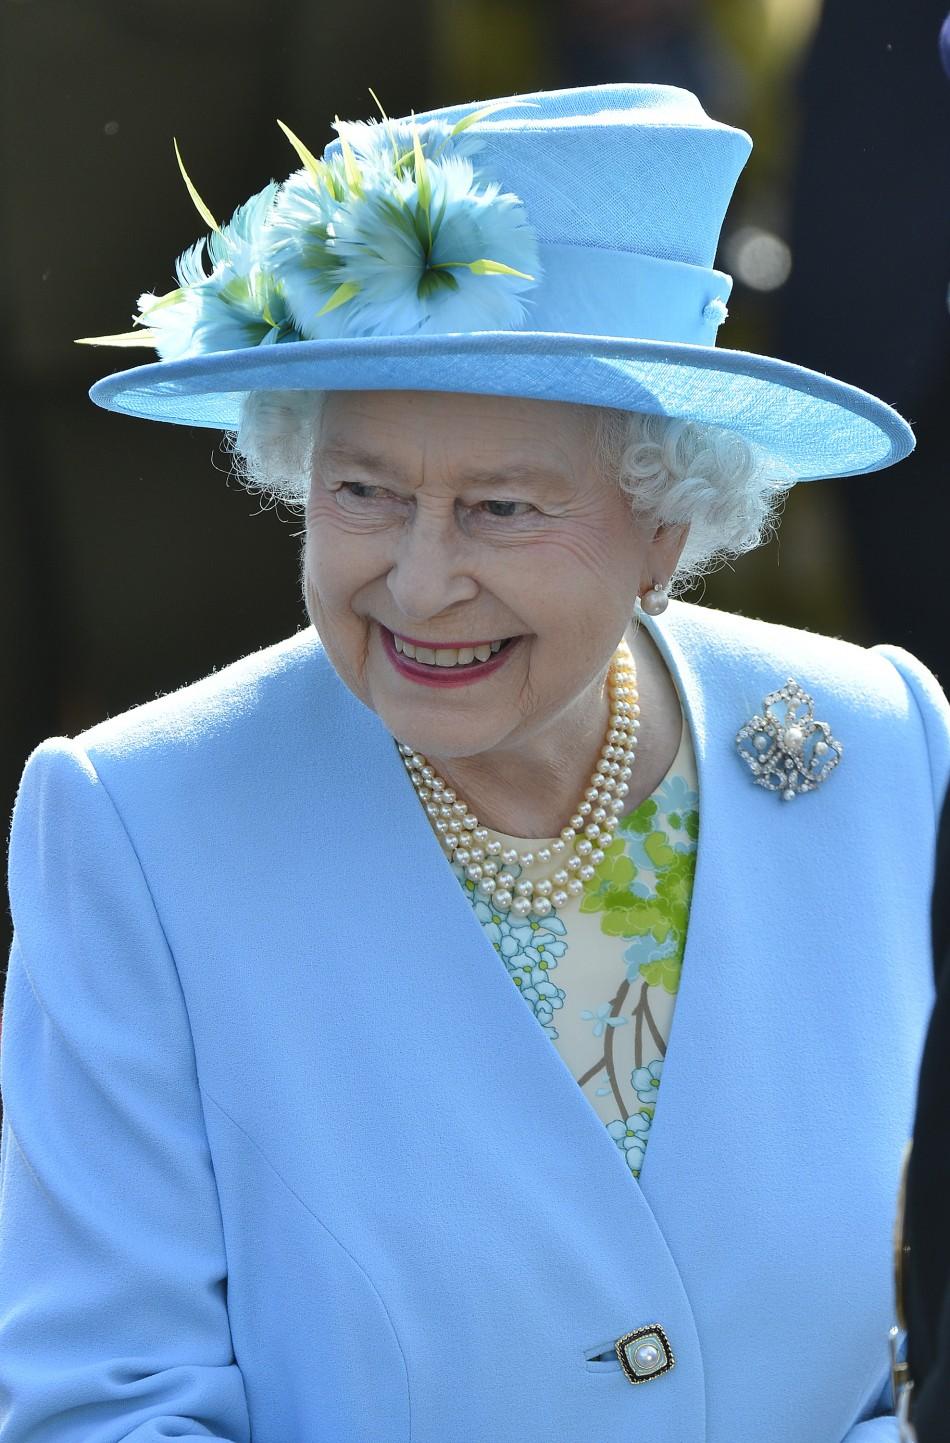 Diamond Jubilee celebrations of Queen Elizabeth II